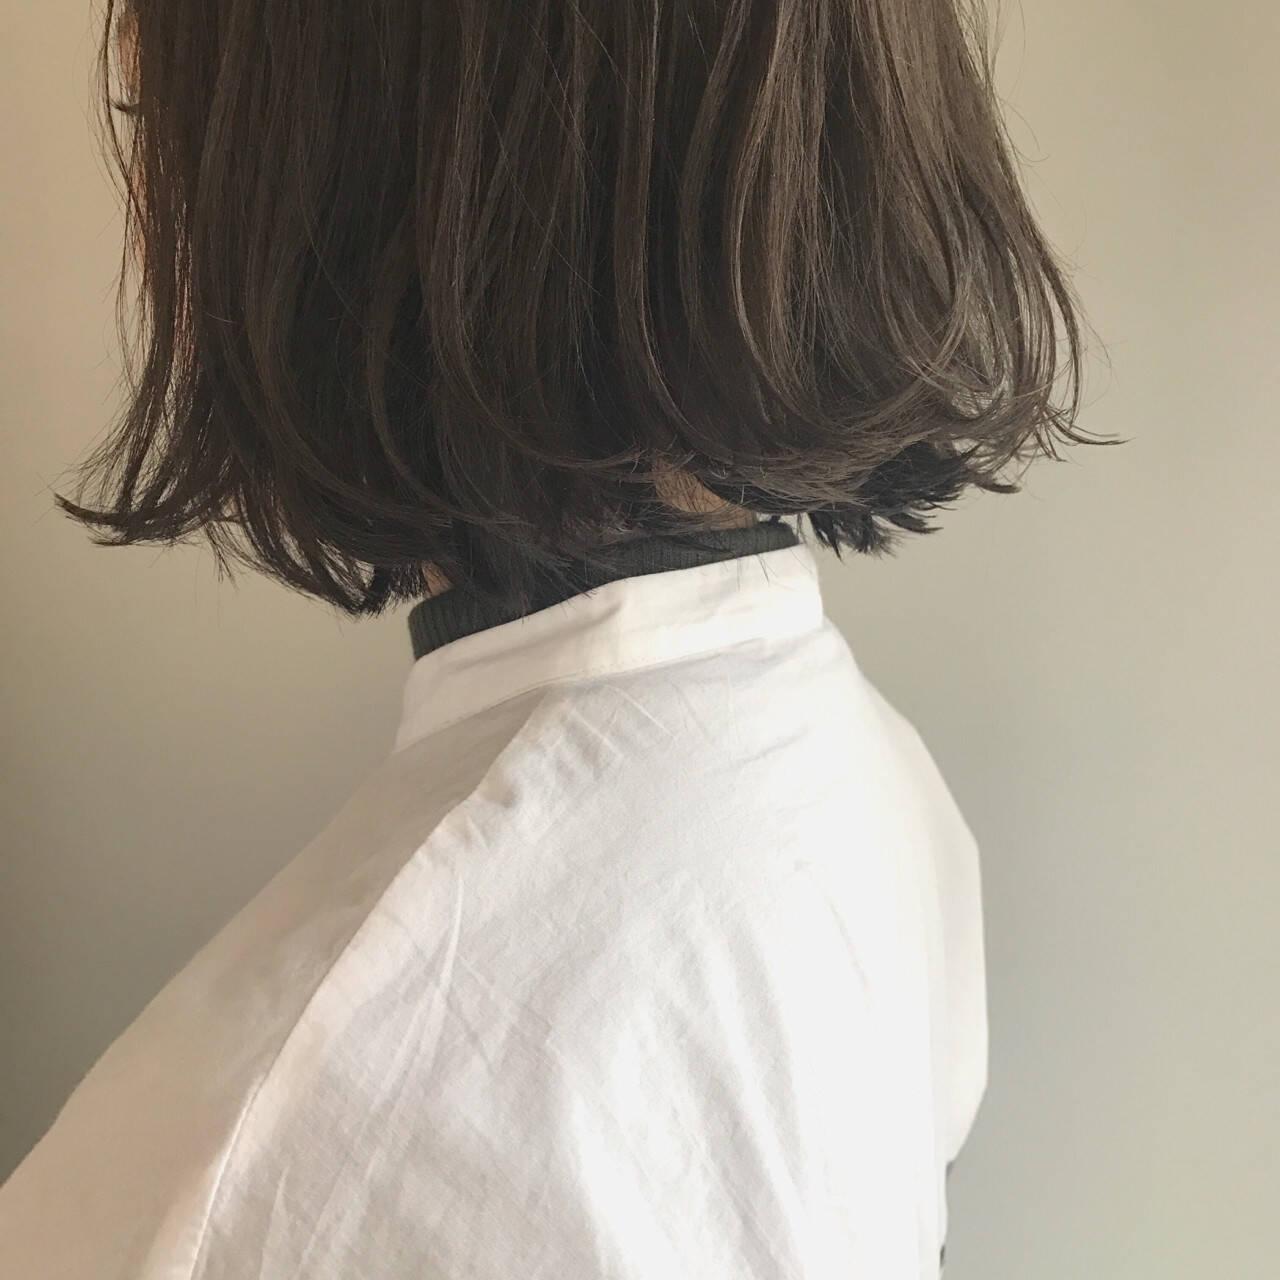 ボブ 透明感 黒髪 アッシュヘアスタイルや髪型の写真・画像